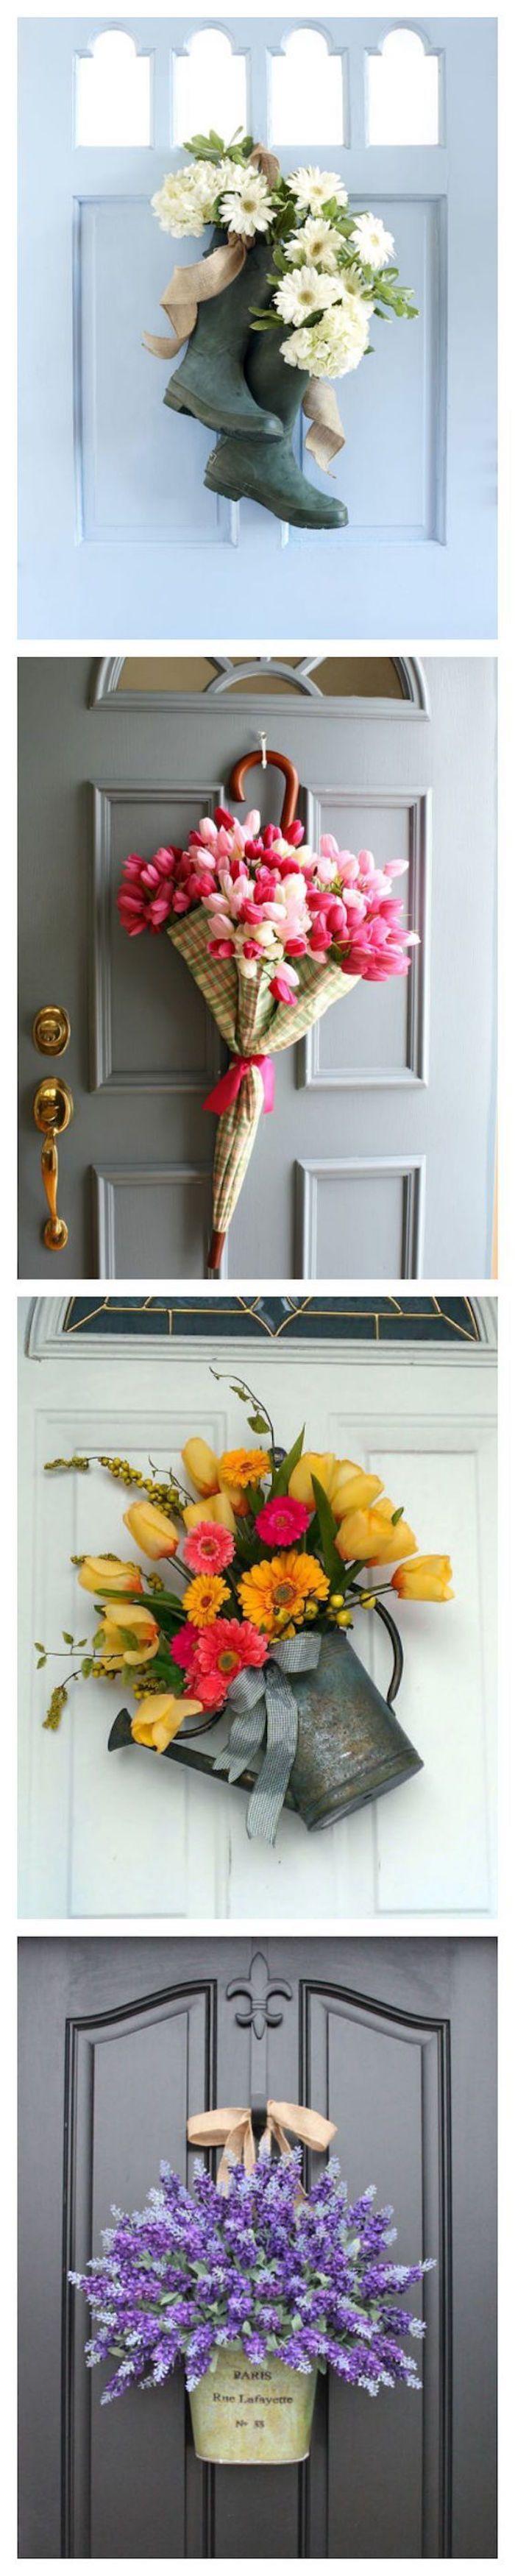 DIY Deko Ideen, mit denen Sie den Frühling nach Hause holen ...